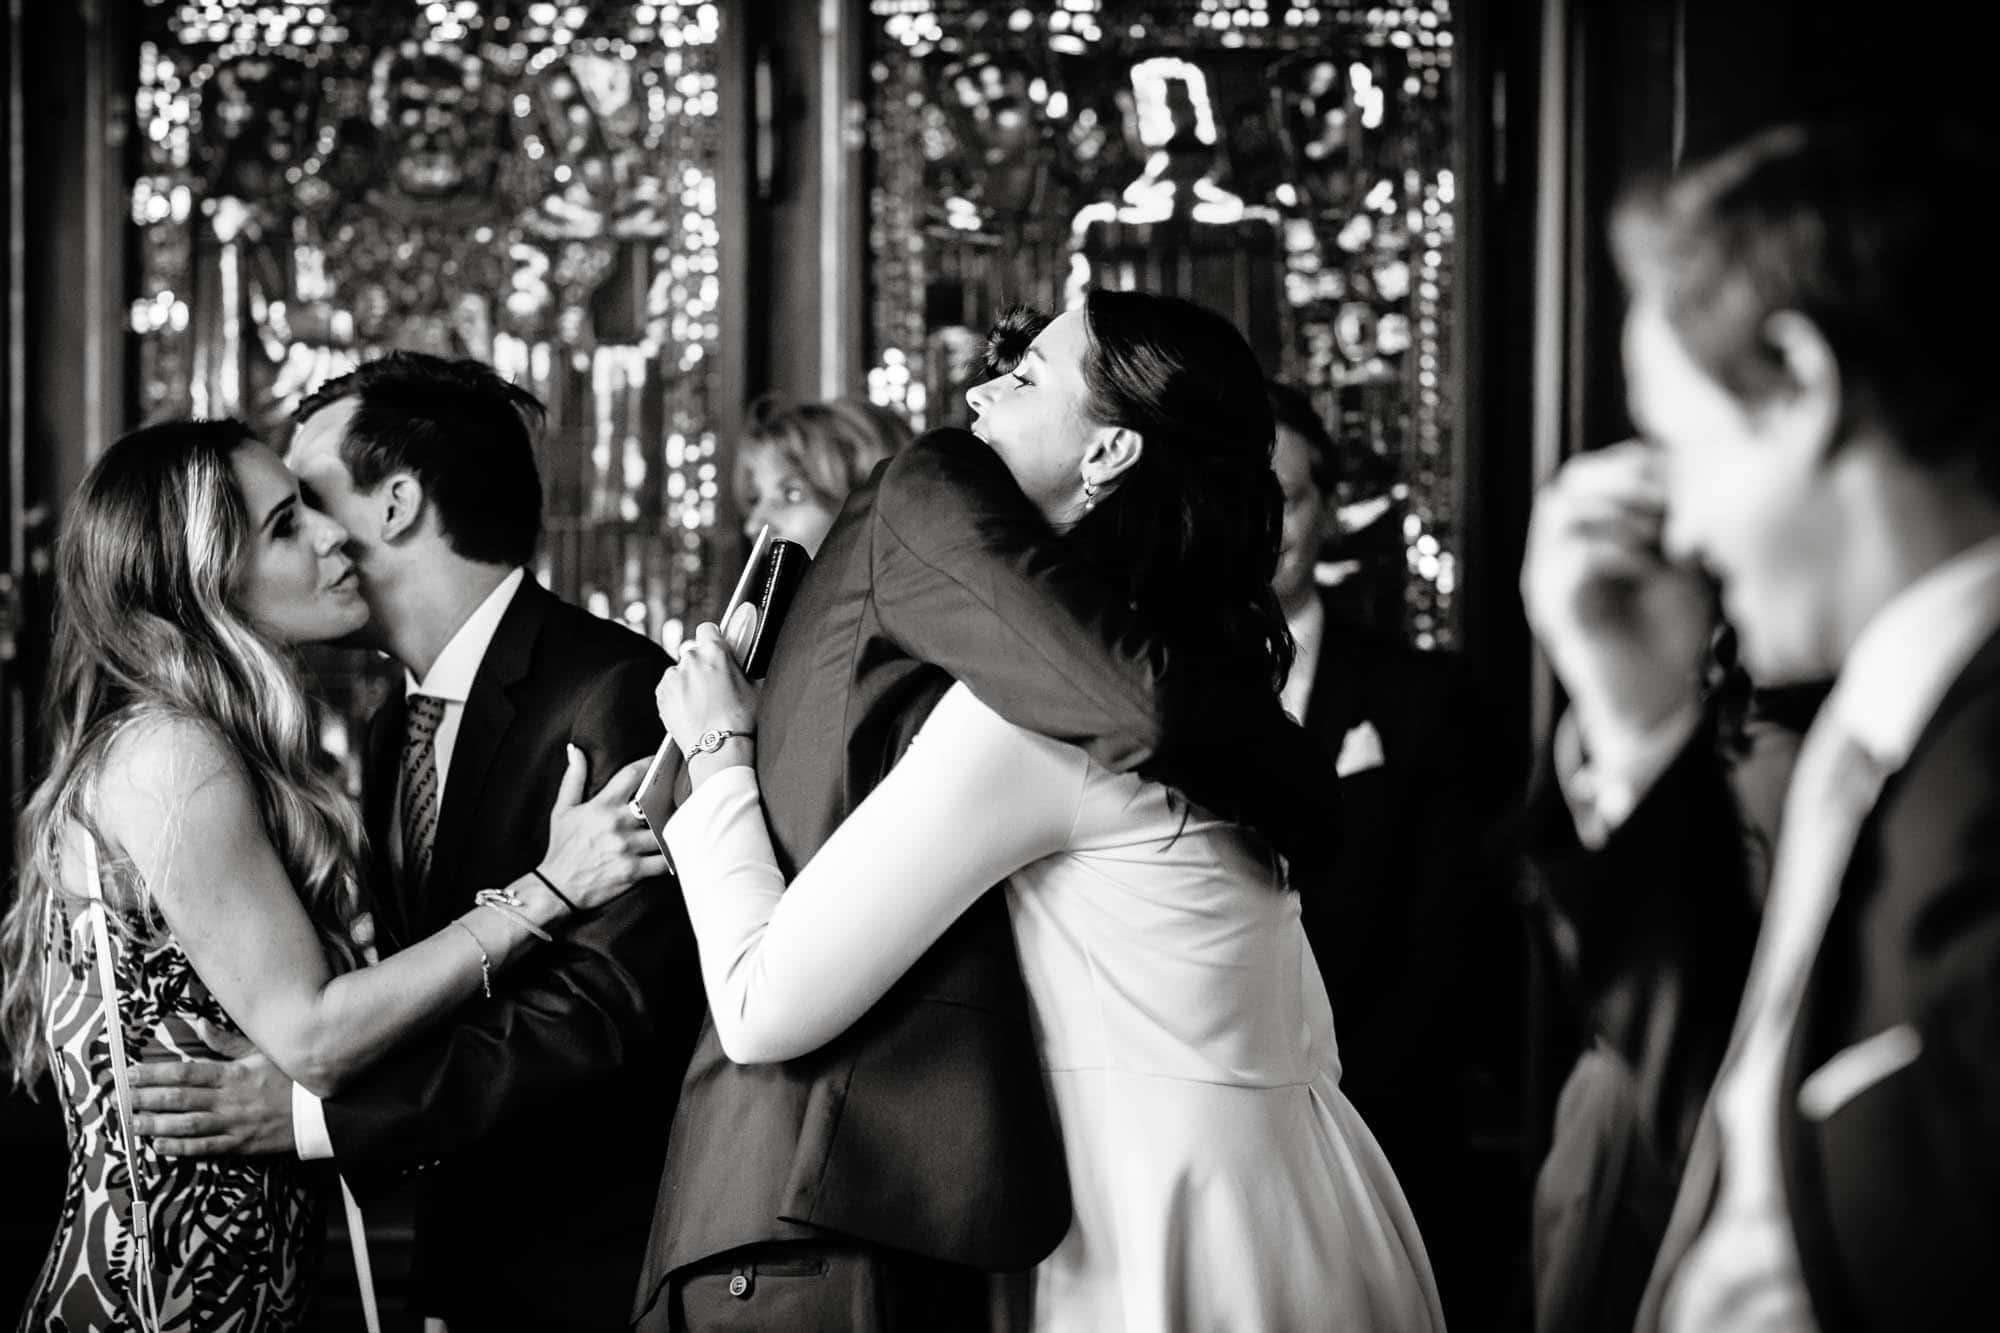 Gäste gratulieren und umarmen das Brautpaar